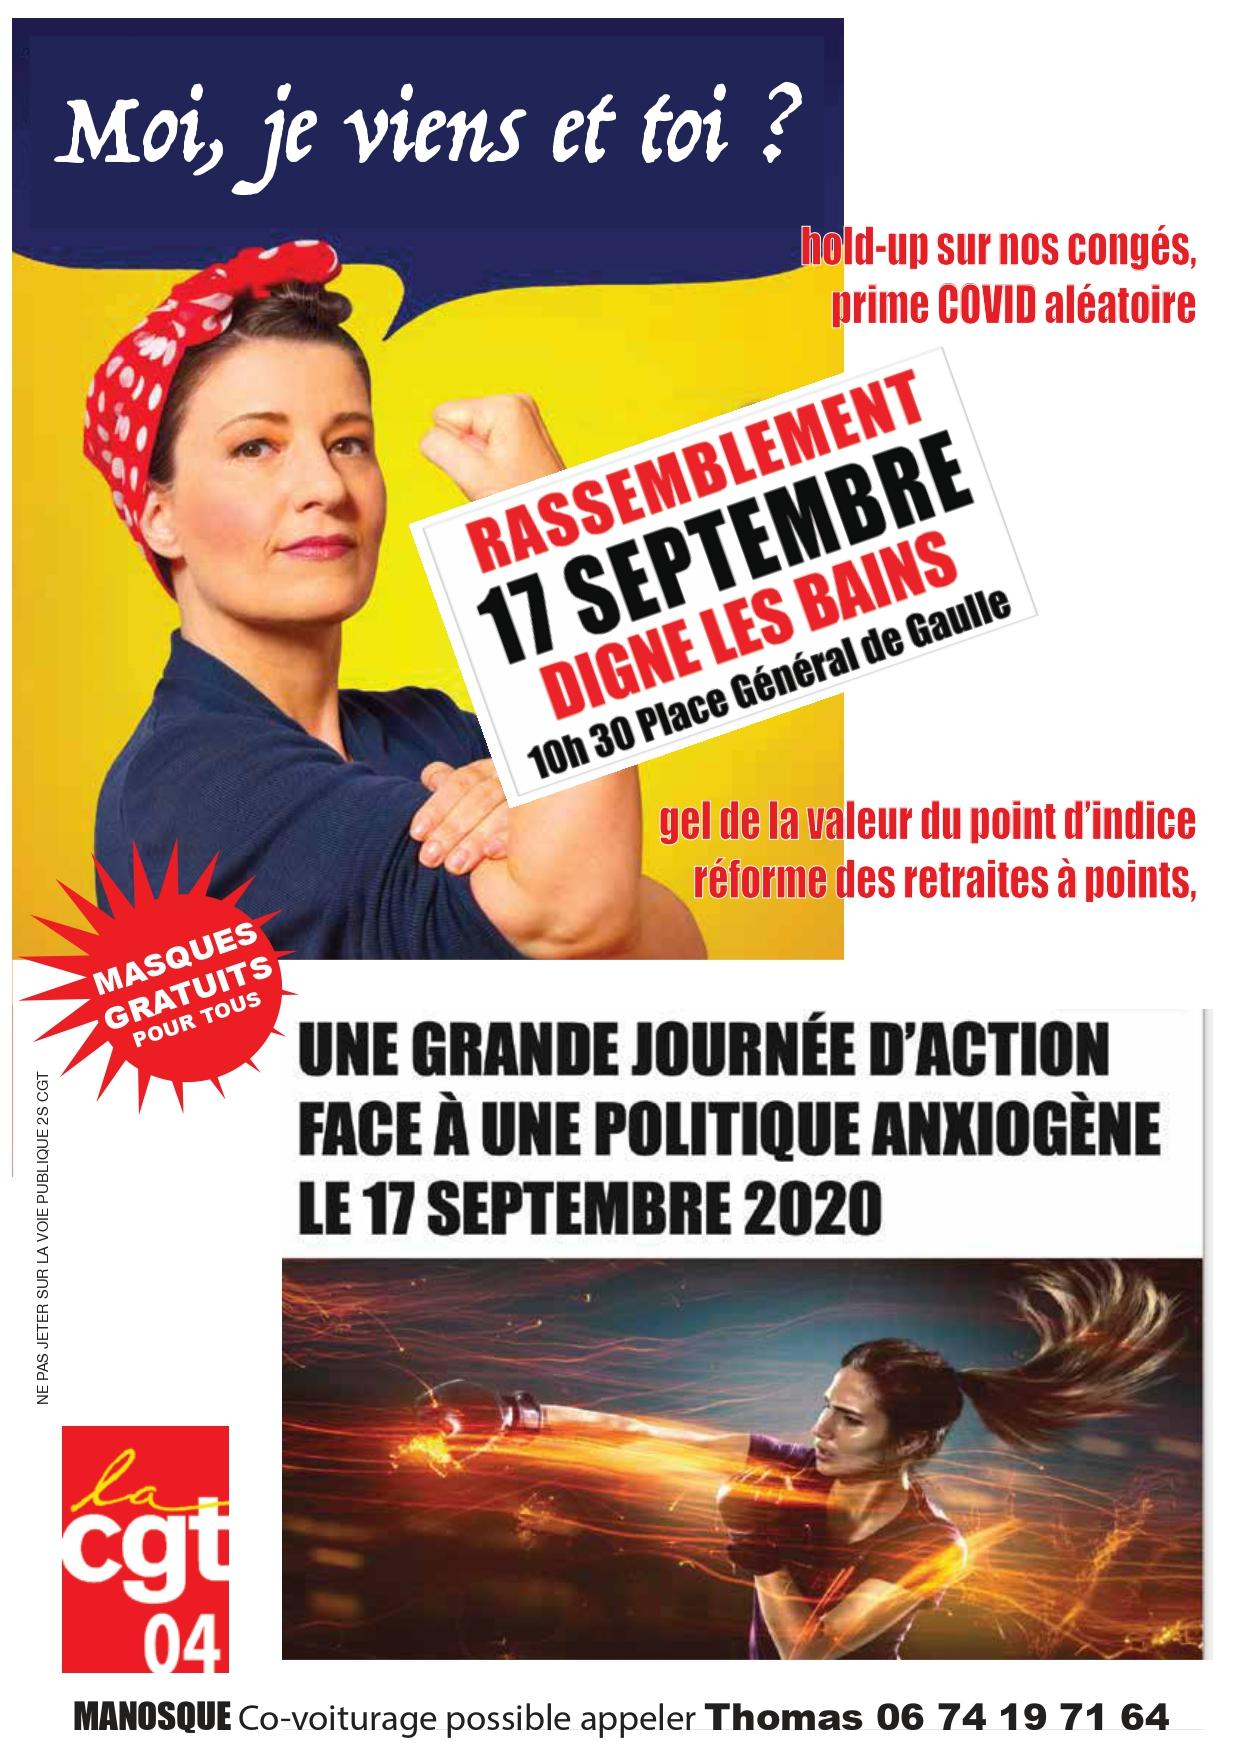 1291. Tract UD CGT 04 pour le 17 septembre 2020